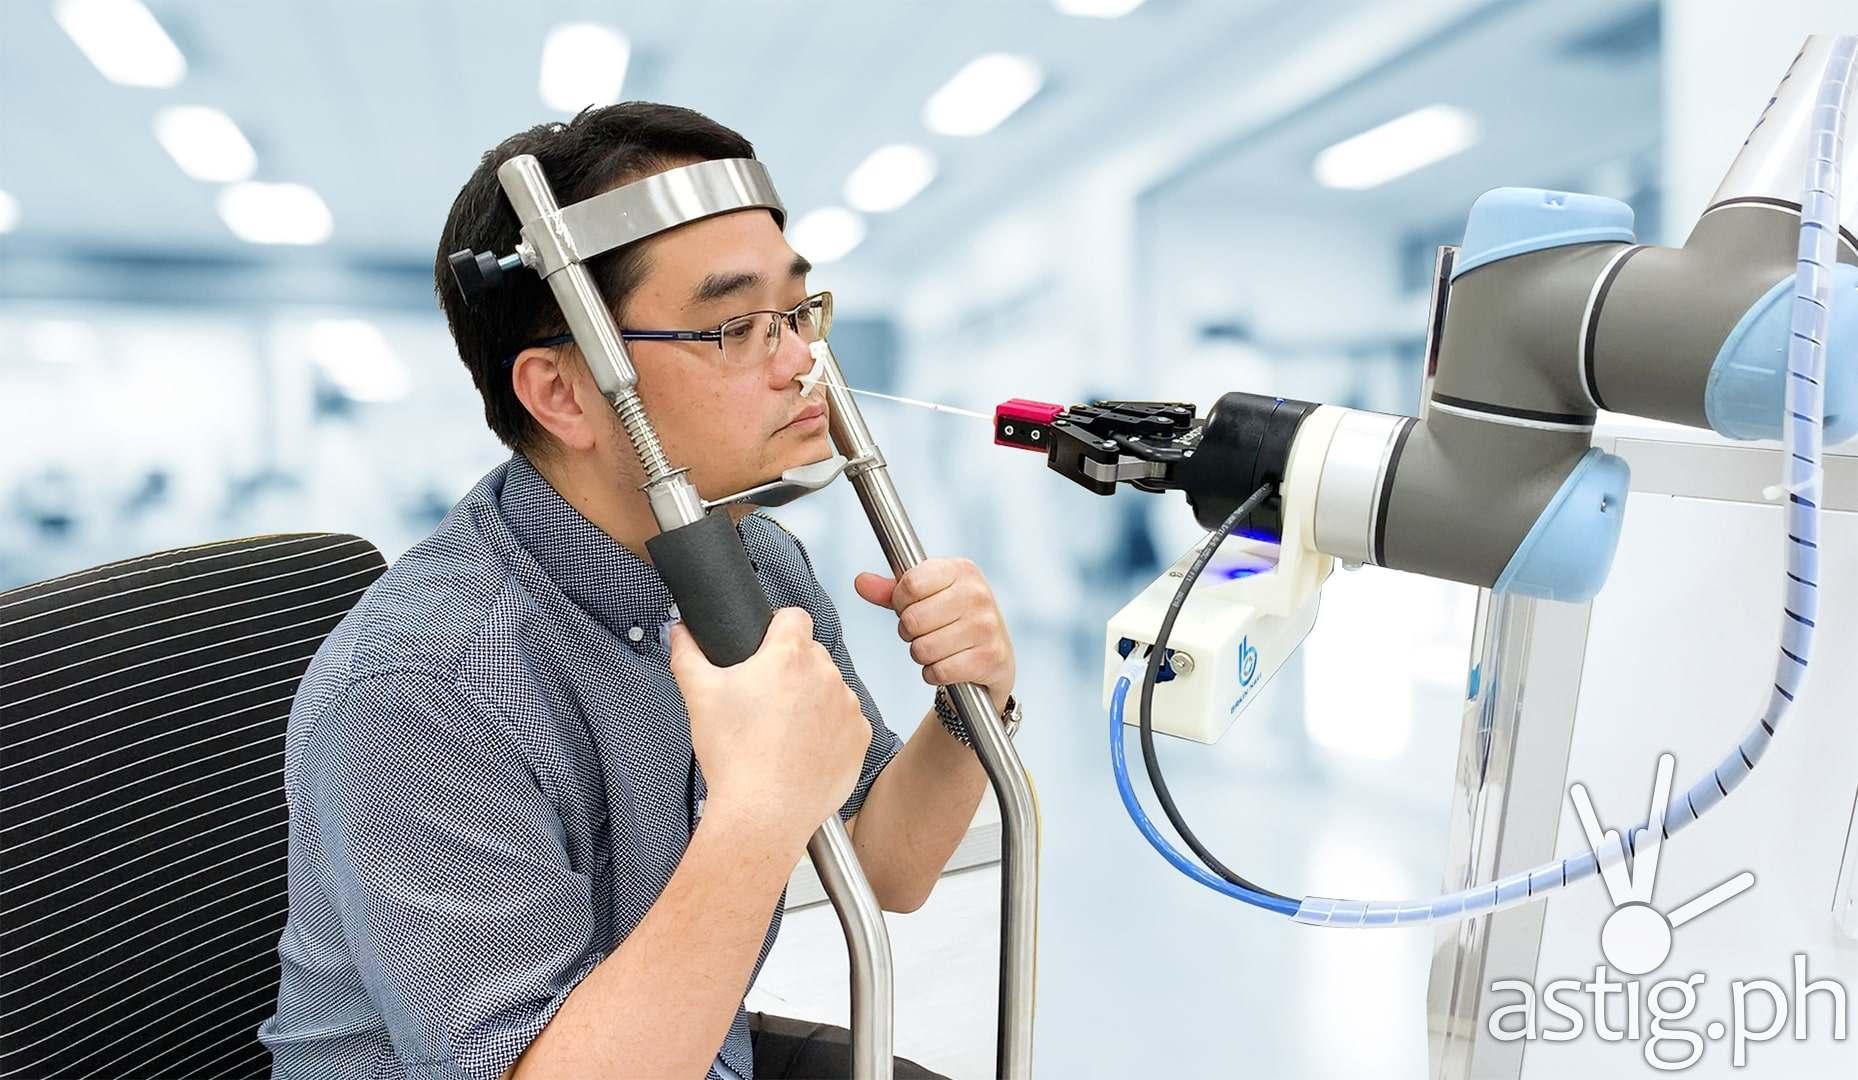 Automated nasal Covid-19 swab test